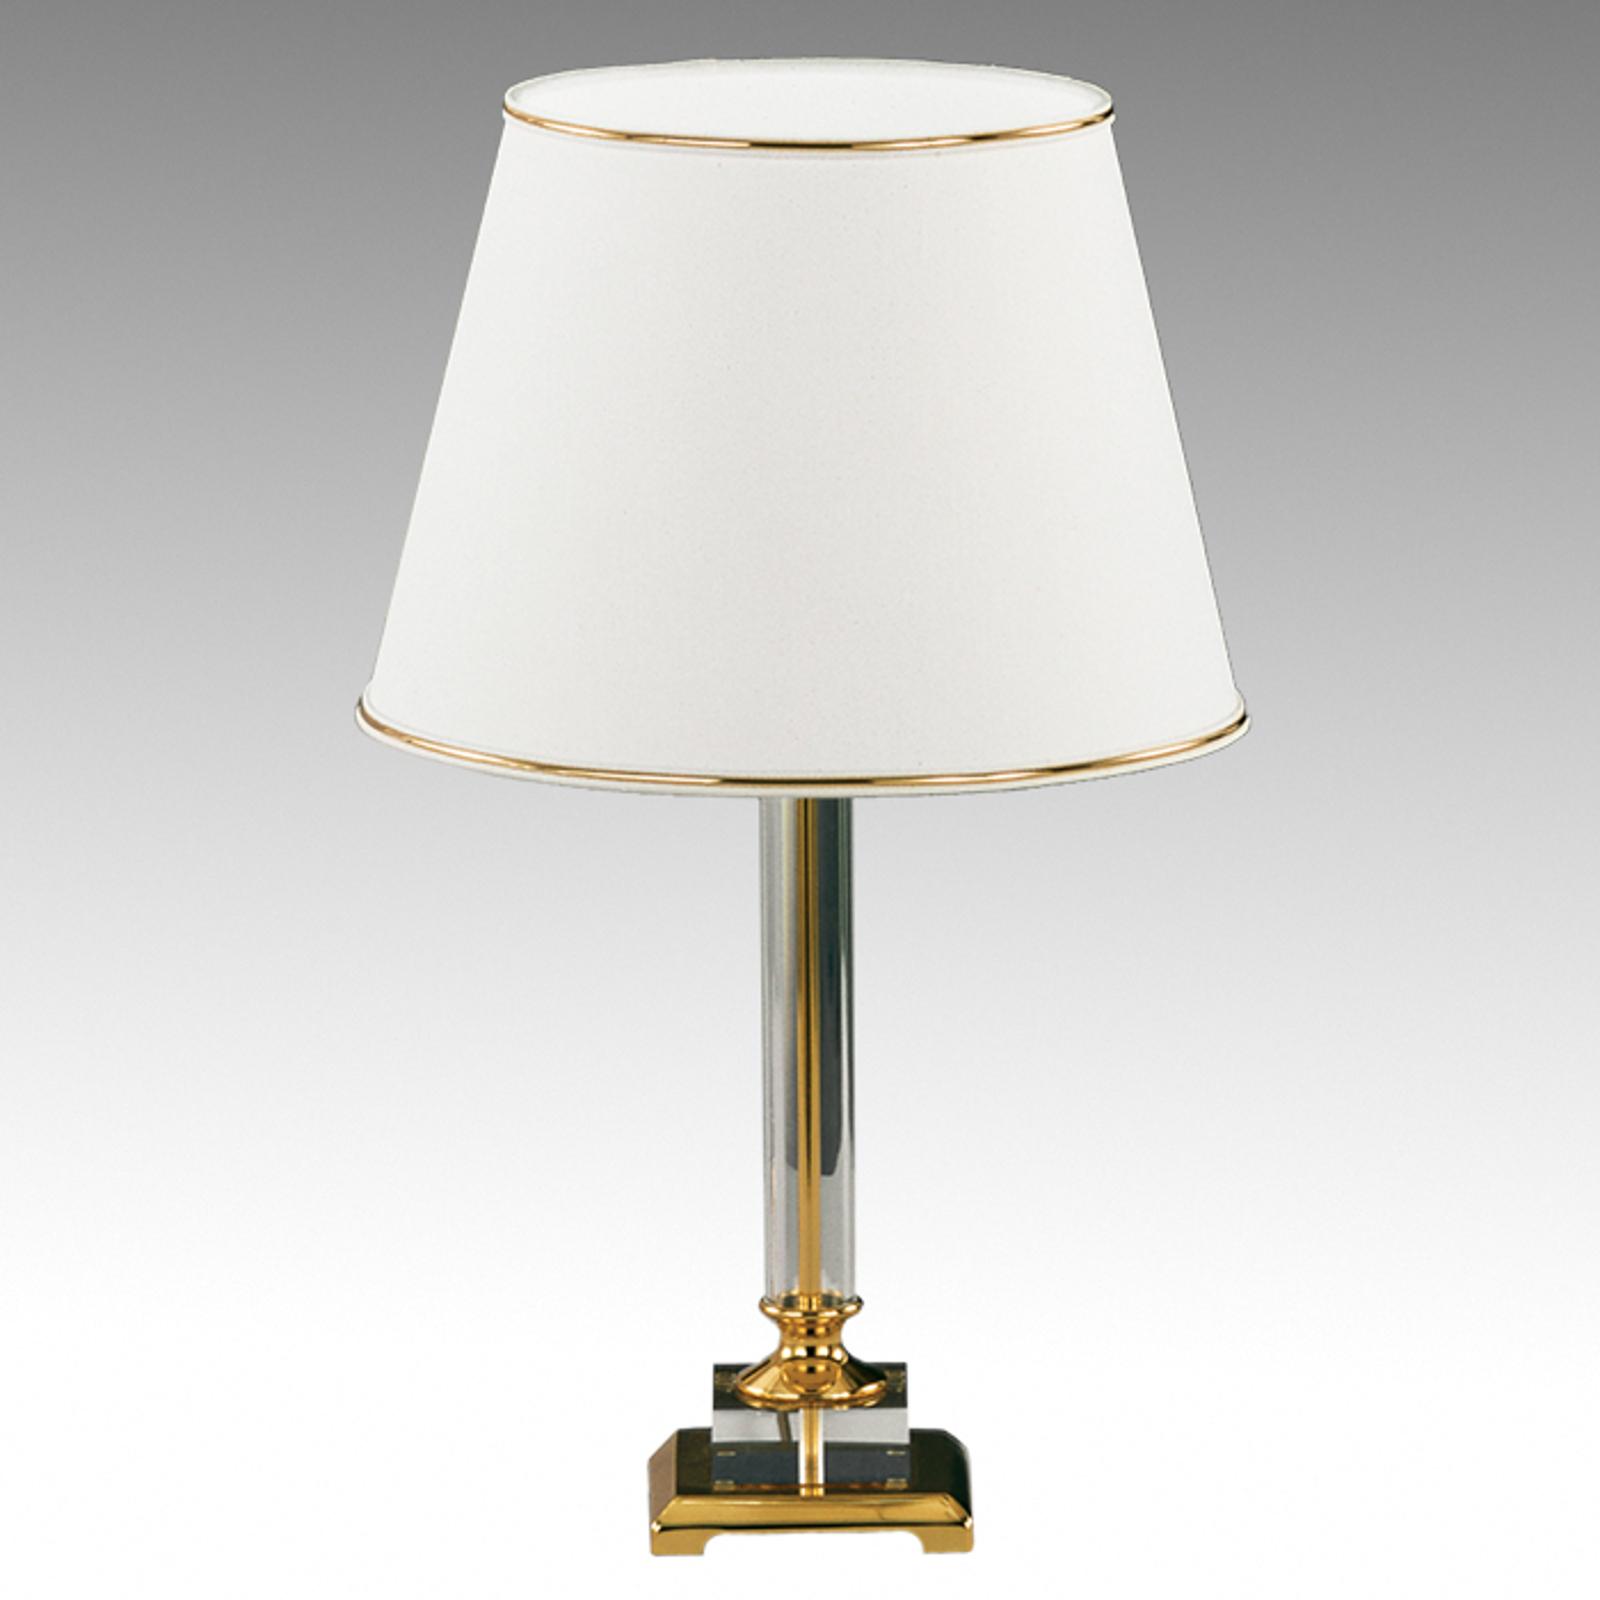 Ušlechtilá stolní lampa Queen Knapstein